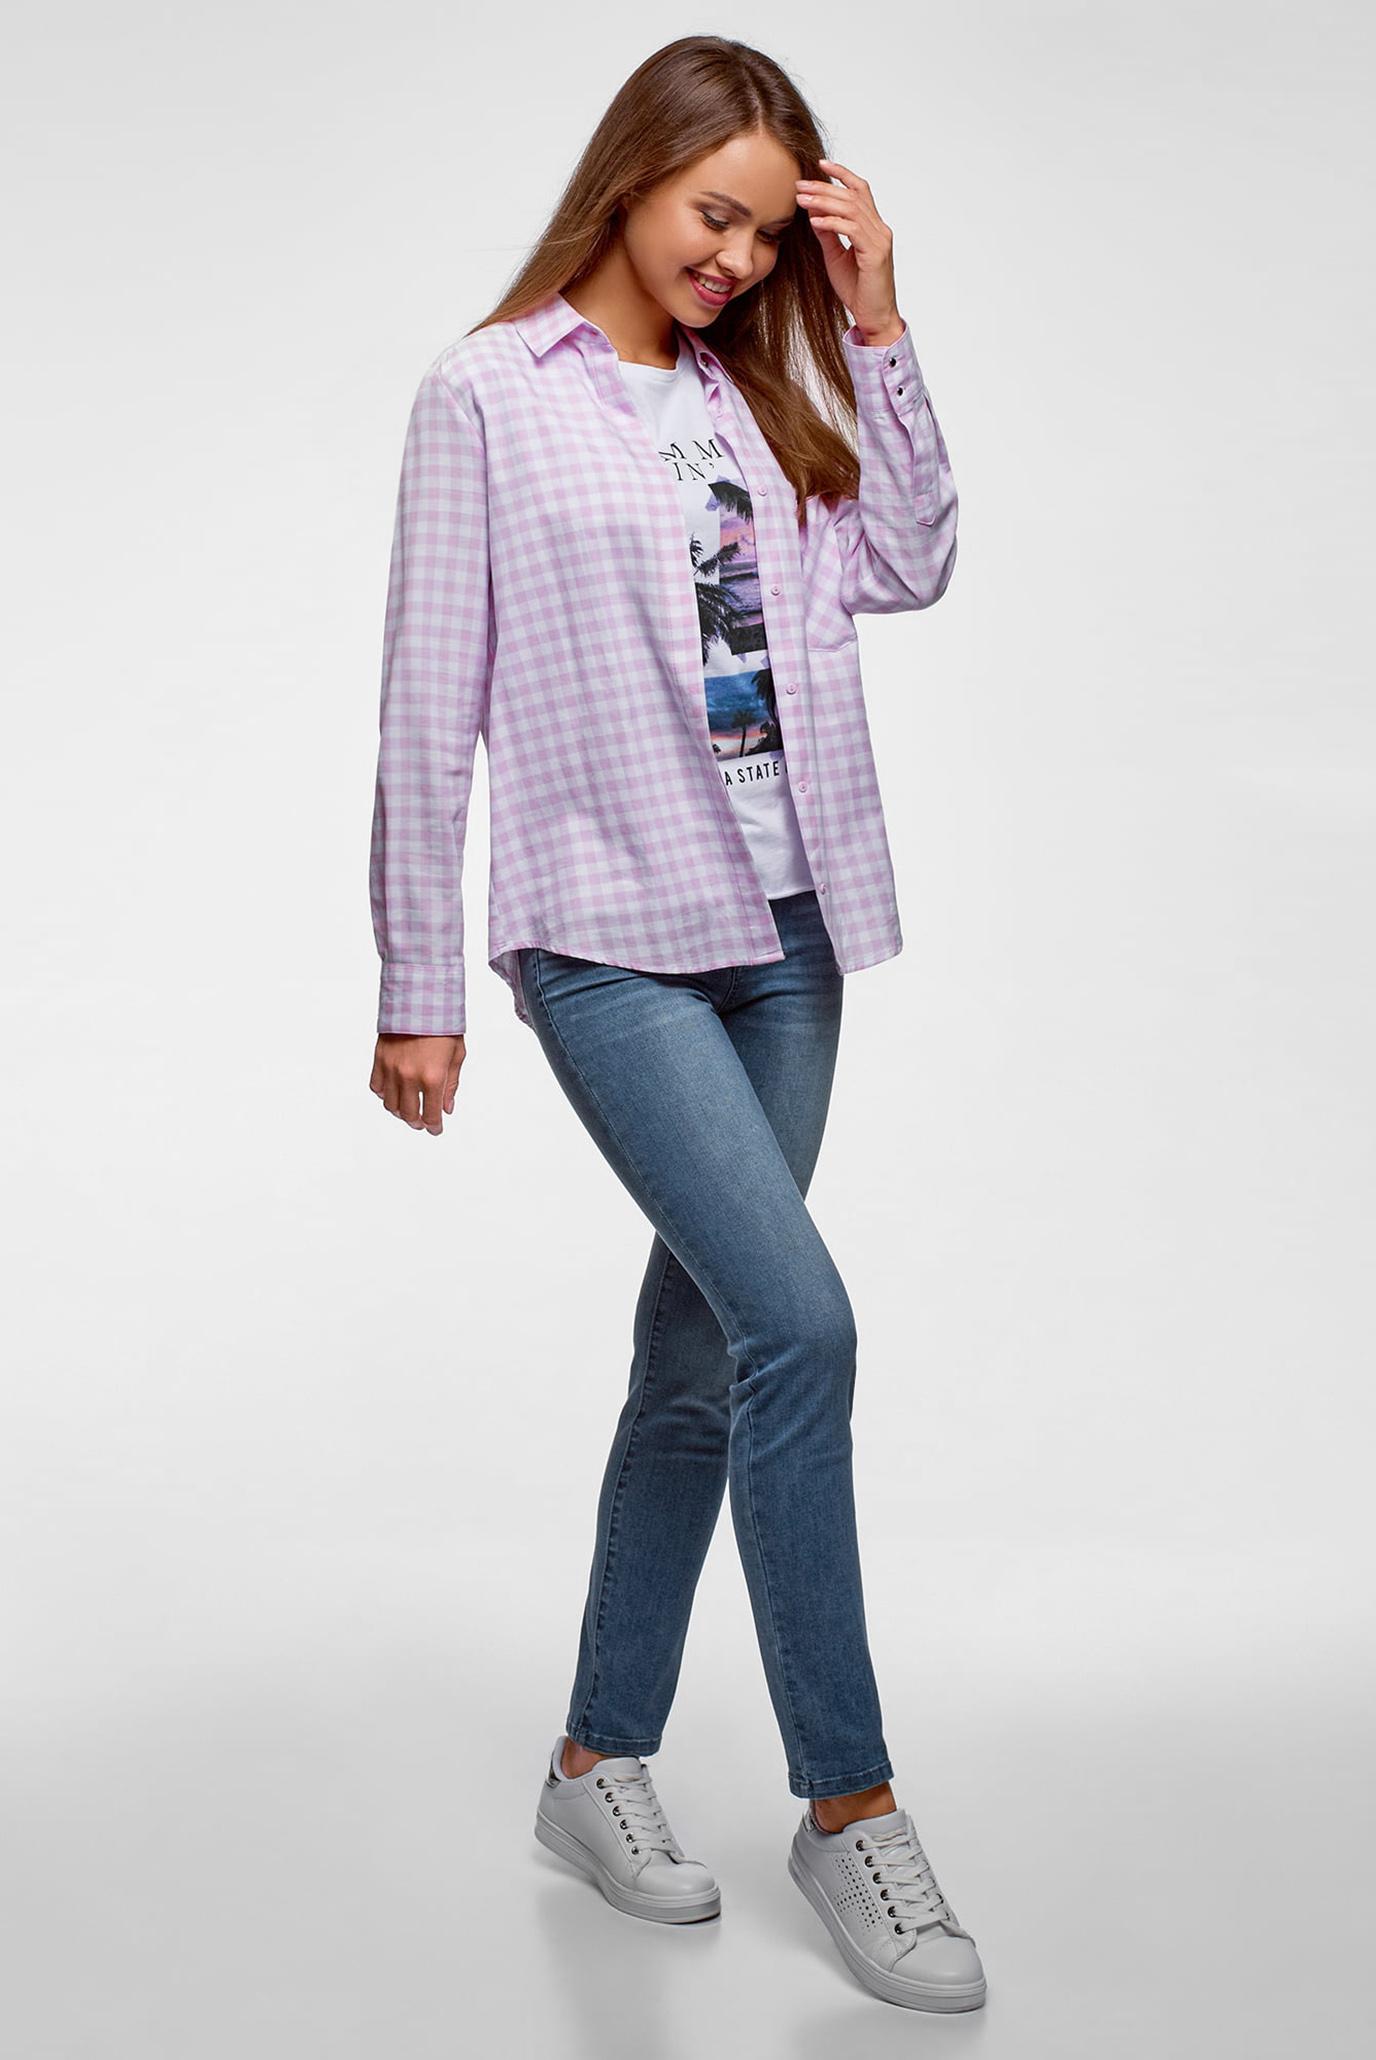 Купить Женские синие джинсы скинни Oodji Oodji 12101148B/46785/7500W – Киев, Украина. Цены в интернет магазине MD Fashion